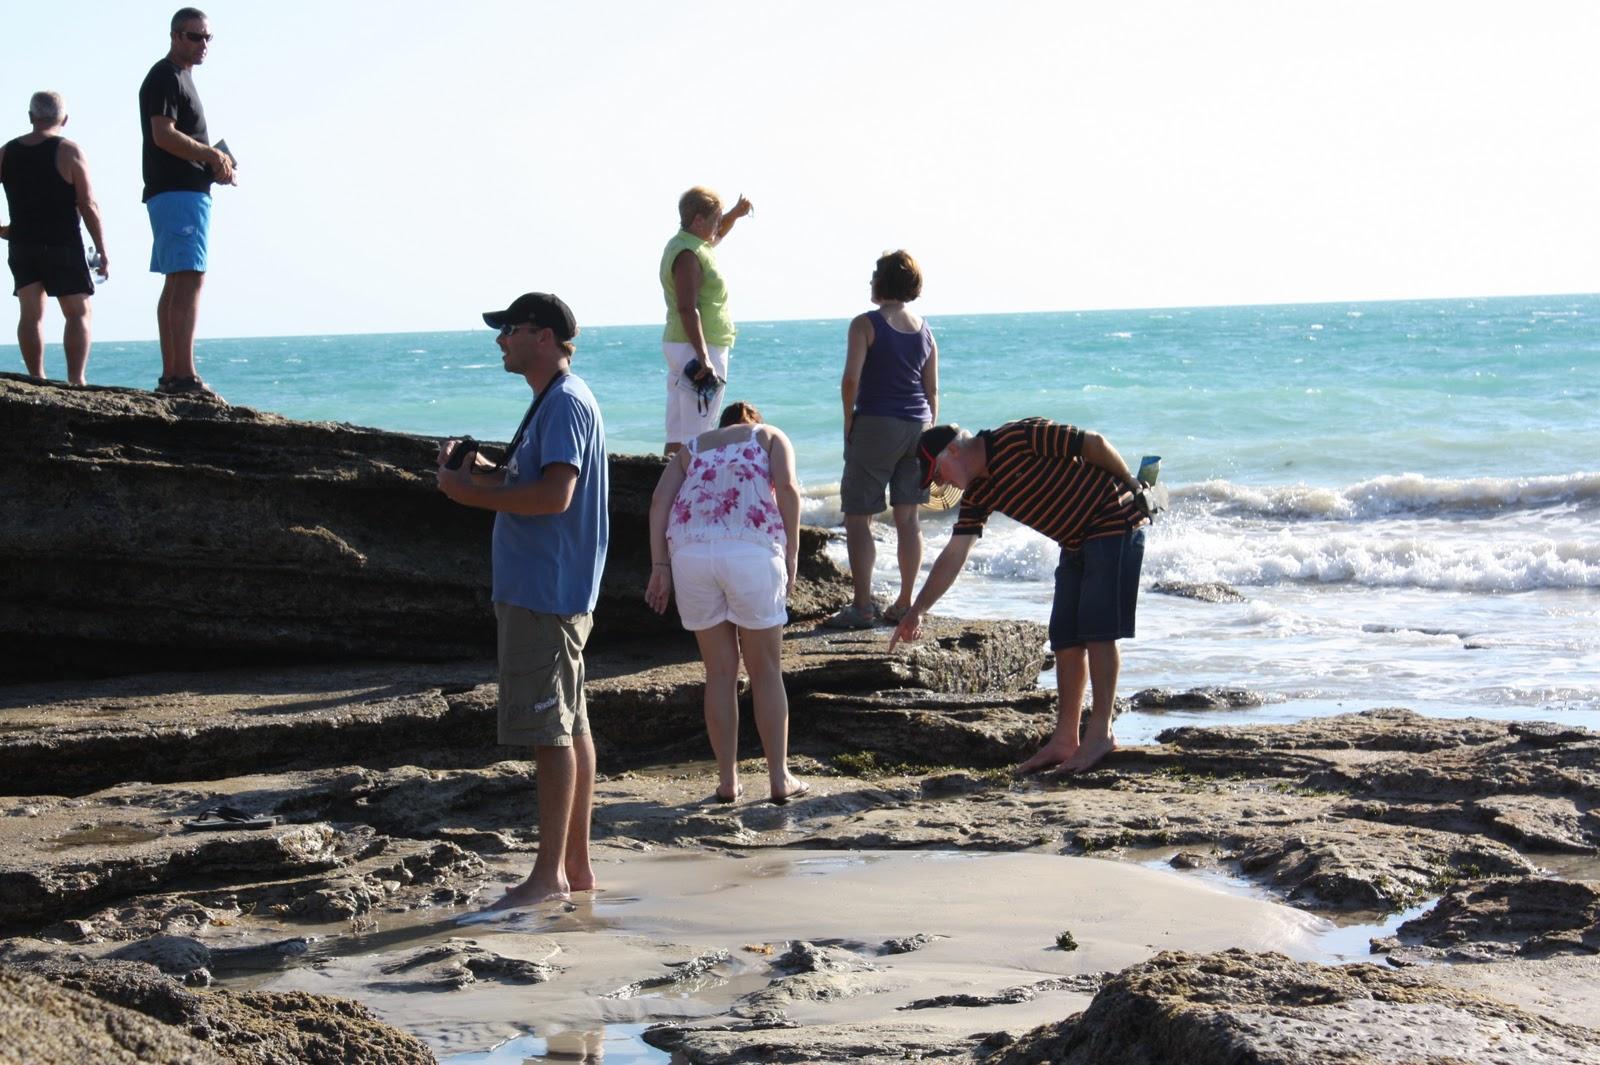 Courage - 八千里路 雲和月: 2010.10.22 Broome – 日出,這些腳印是1億多年前恐龍腳印的化石。 據《每日郵報》報導, 恐龍腳印